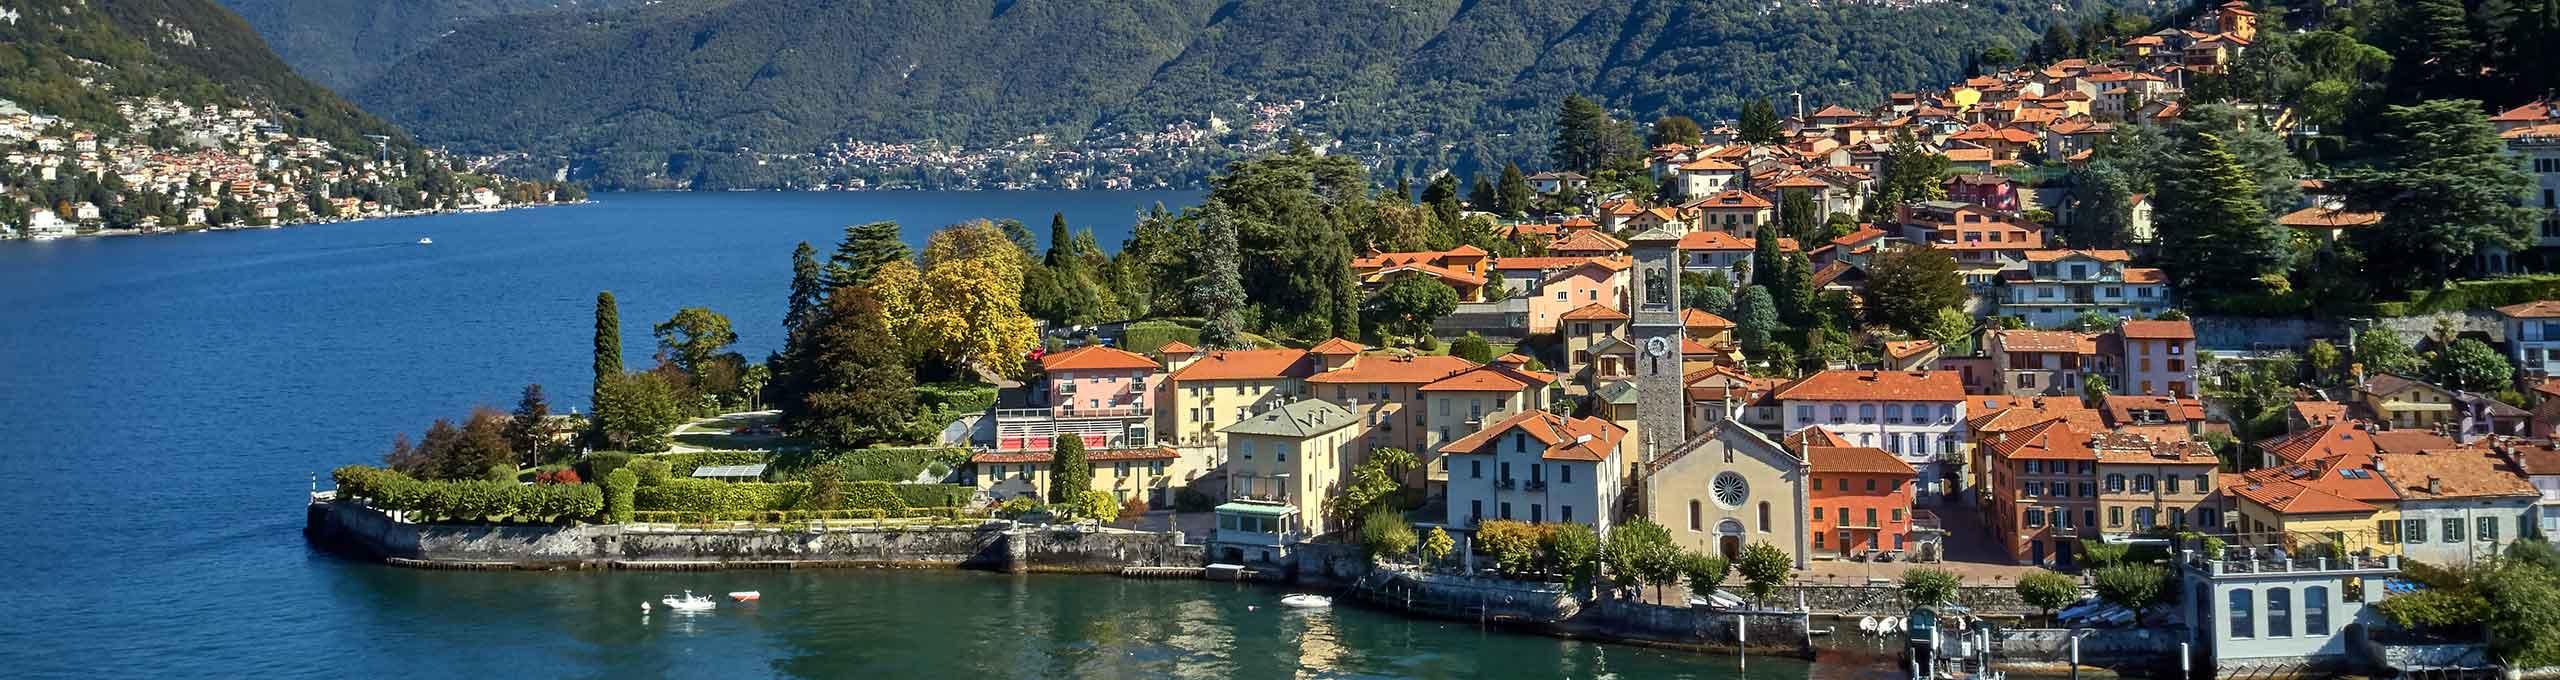 Torno, Lago di Como